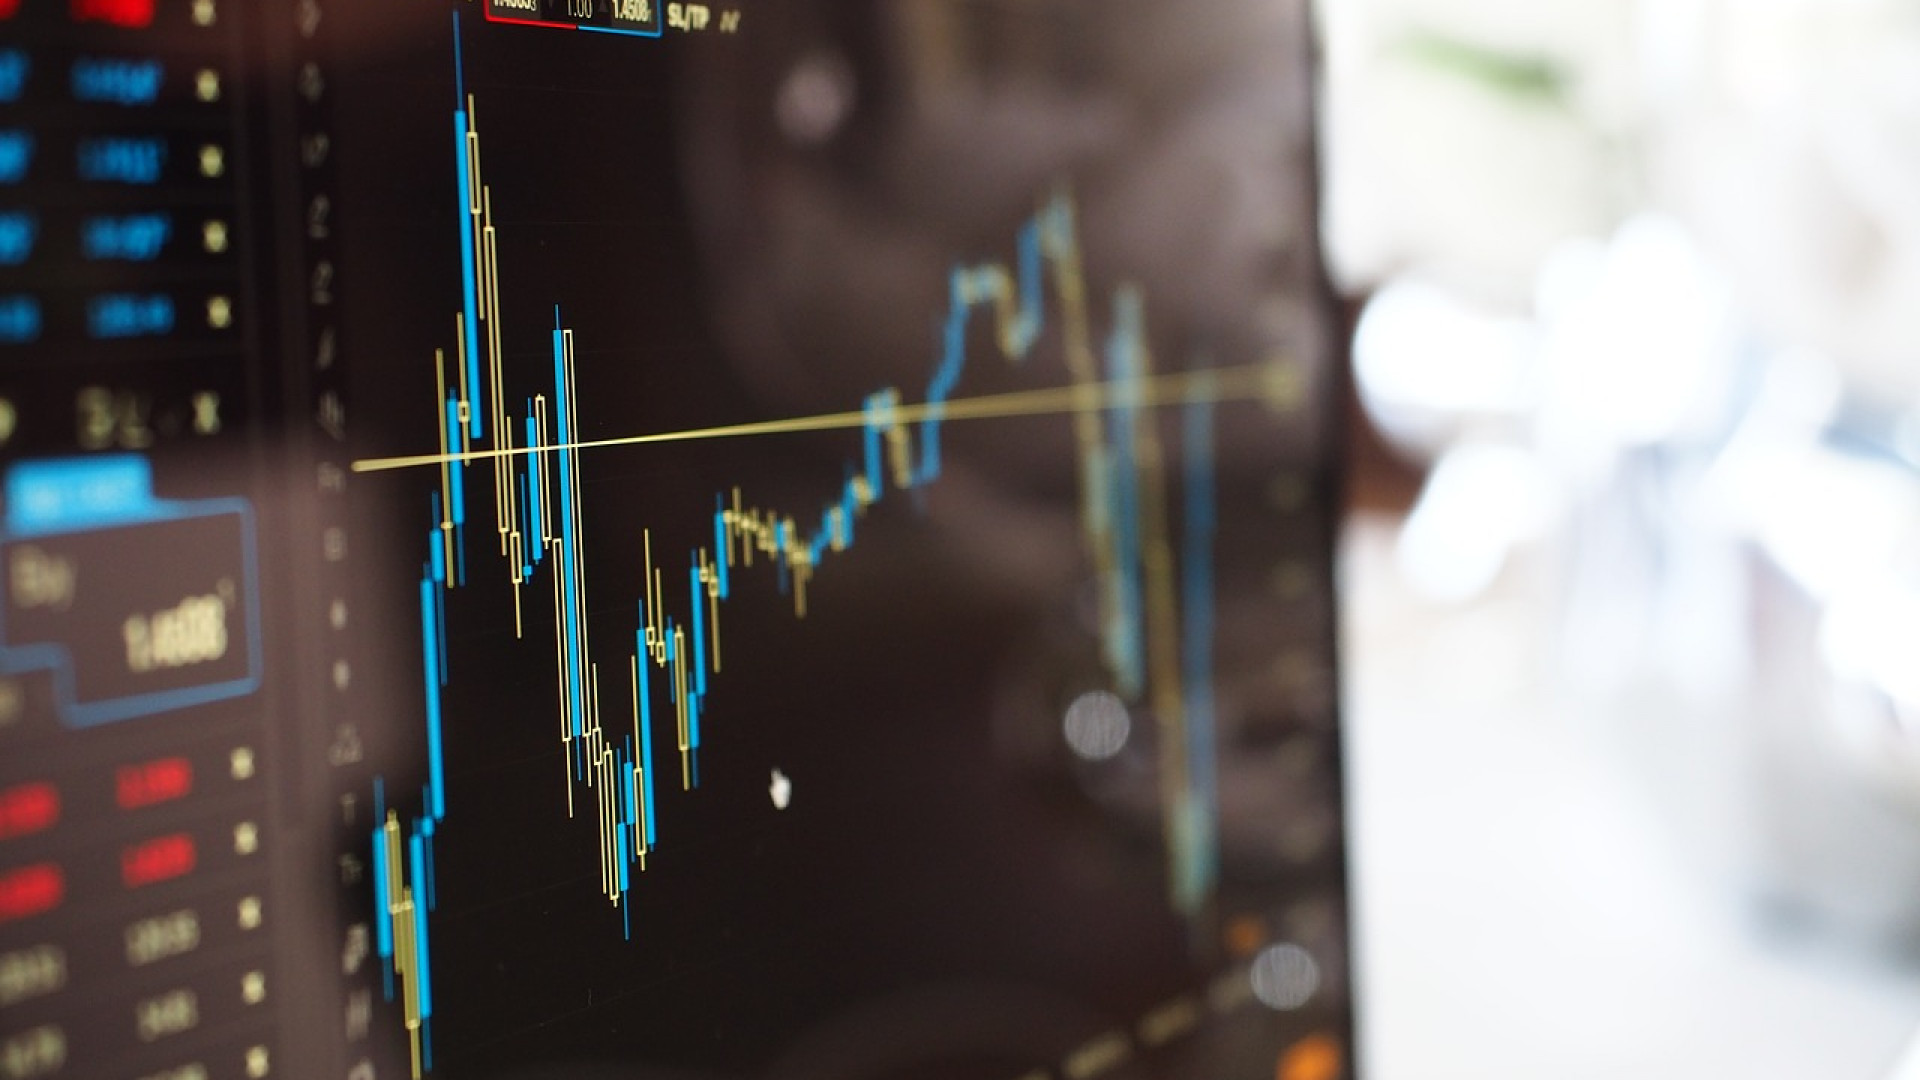 Débuter dans le trading : zoom sur le trading social